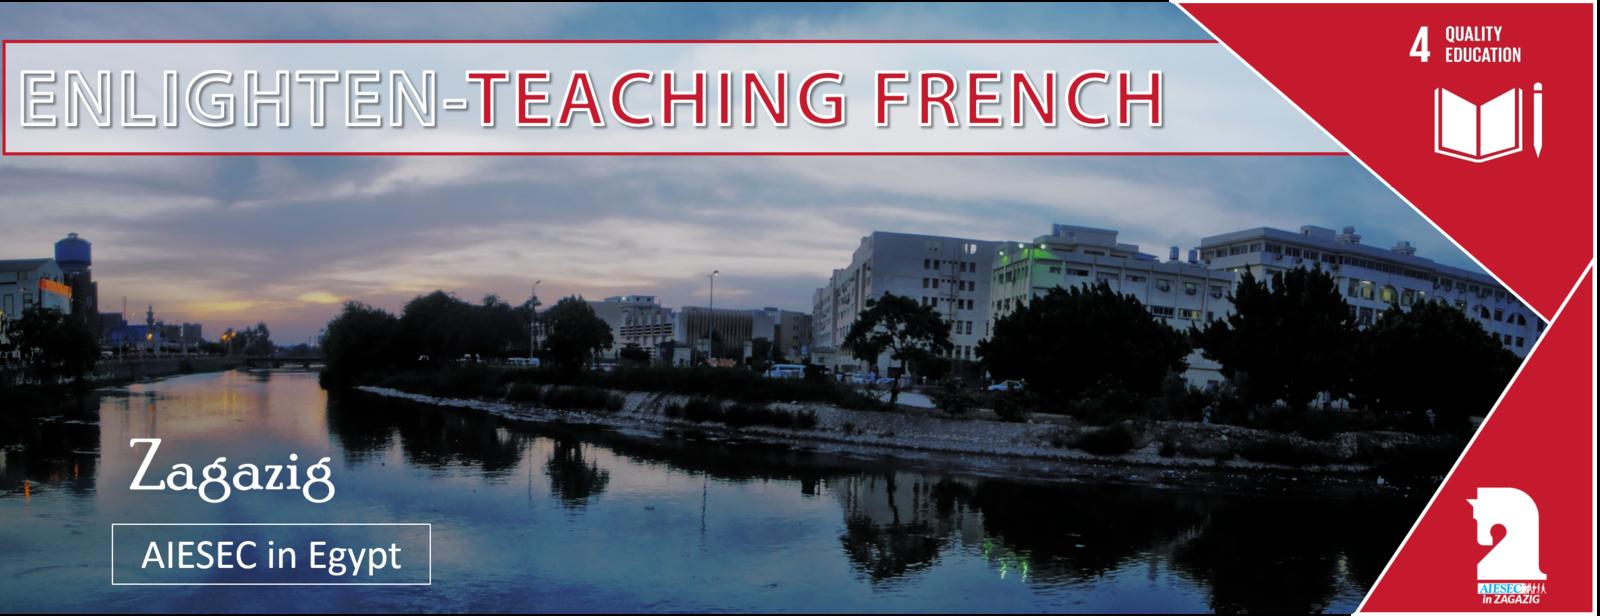 Enlighten - Teaching French Opportunity in EGYPT #4